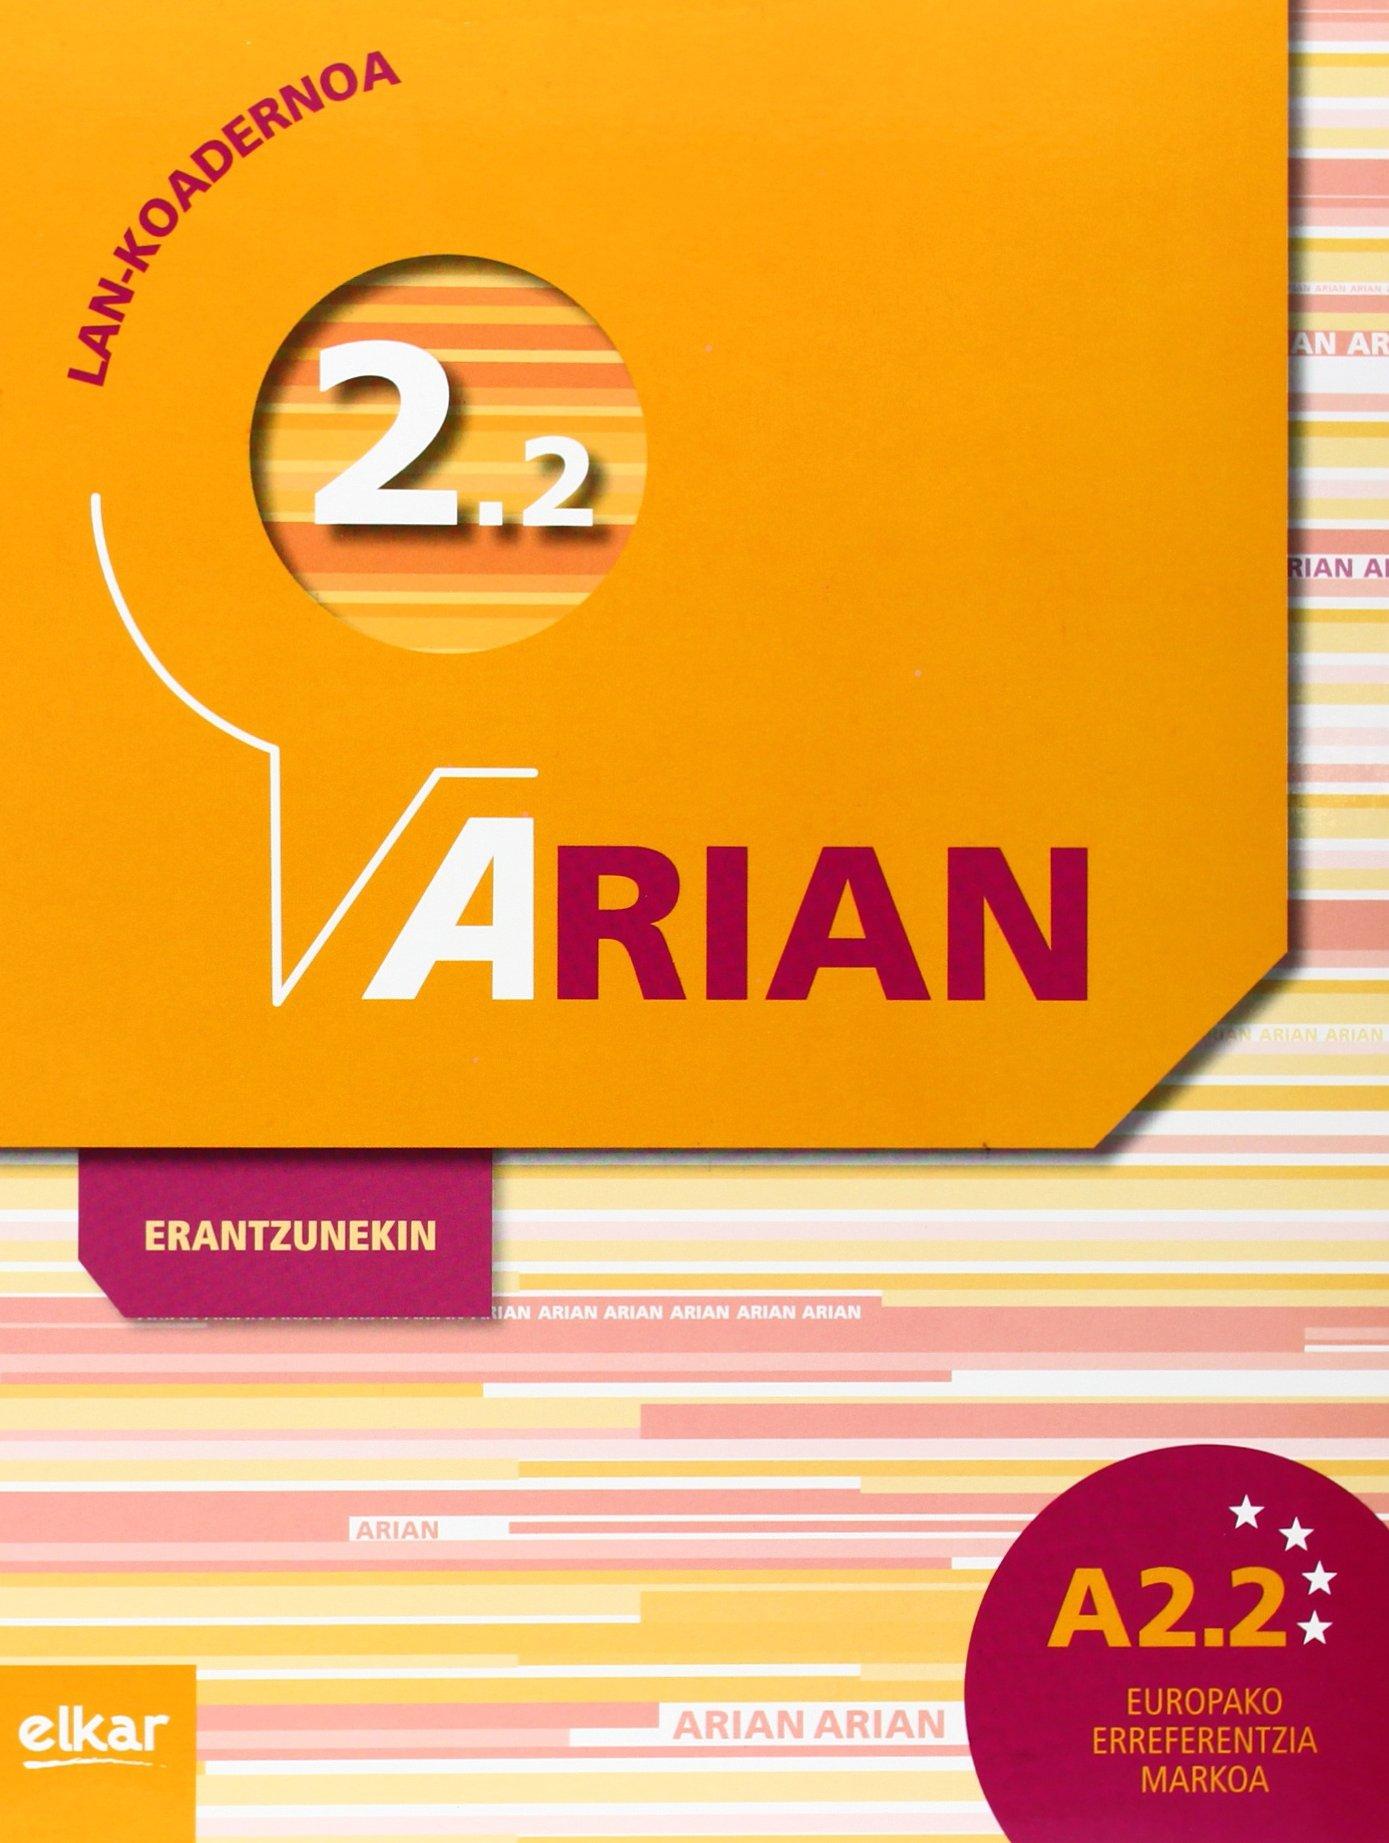 Arian A2.2 Lan-koadernoa (+erantzunak) (Euskera) Tapa blanda – 15 mar 2013 Batzuen artean Elkarlanean S.L. 8490270554